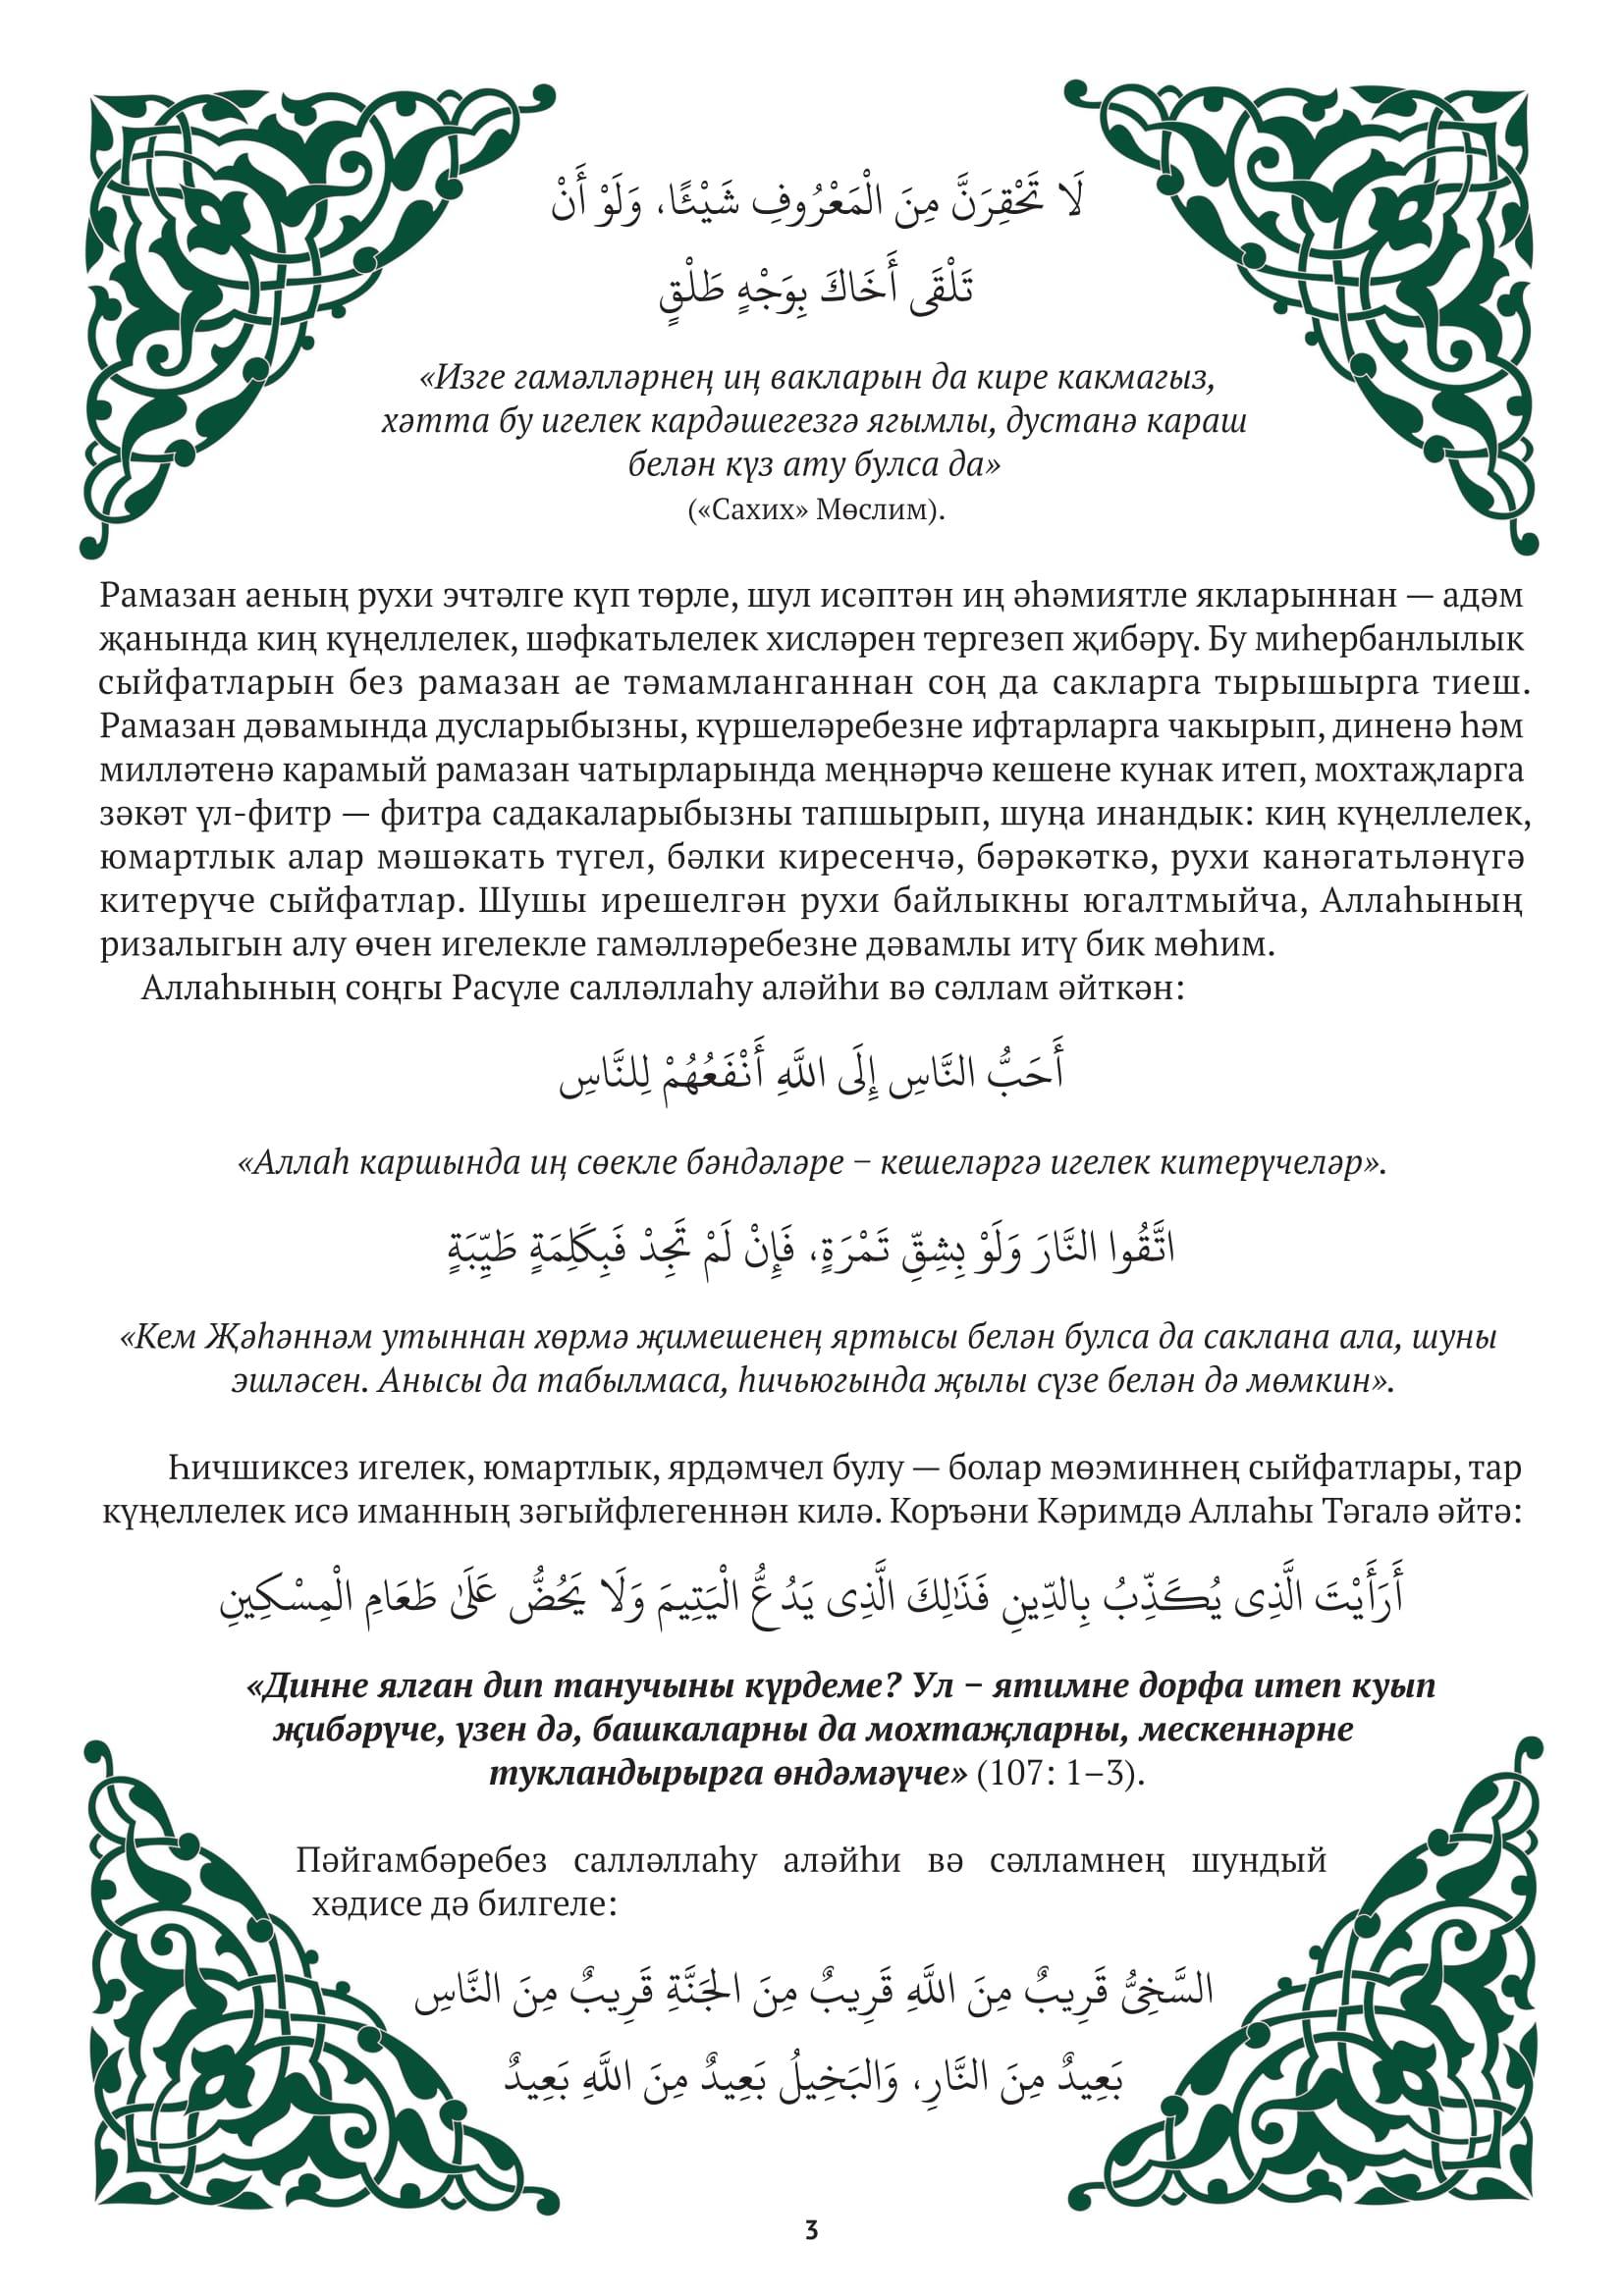 Поздравления на татарском языке с днем рождения юбилей 80 лет